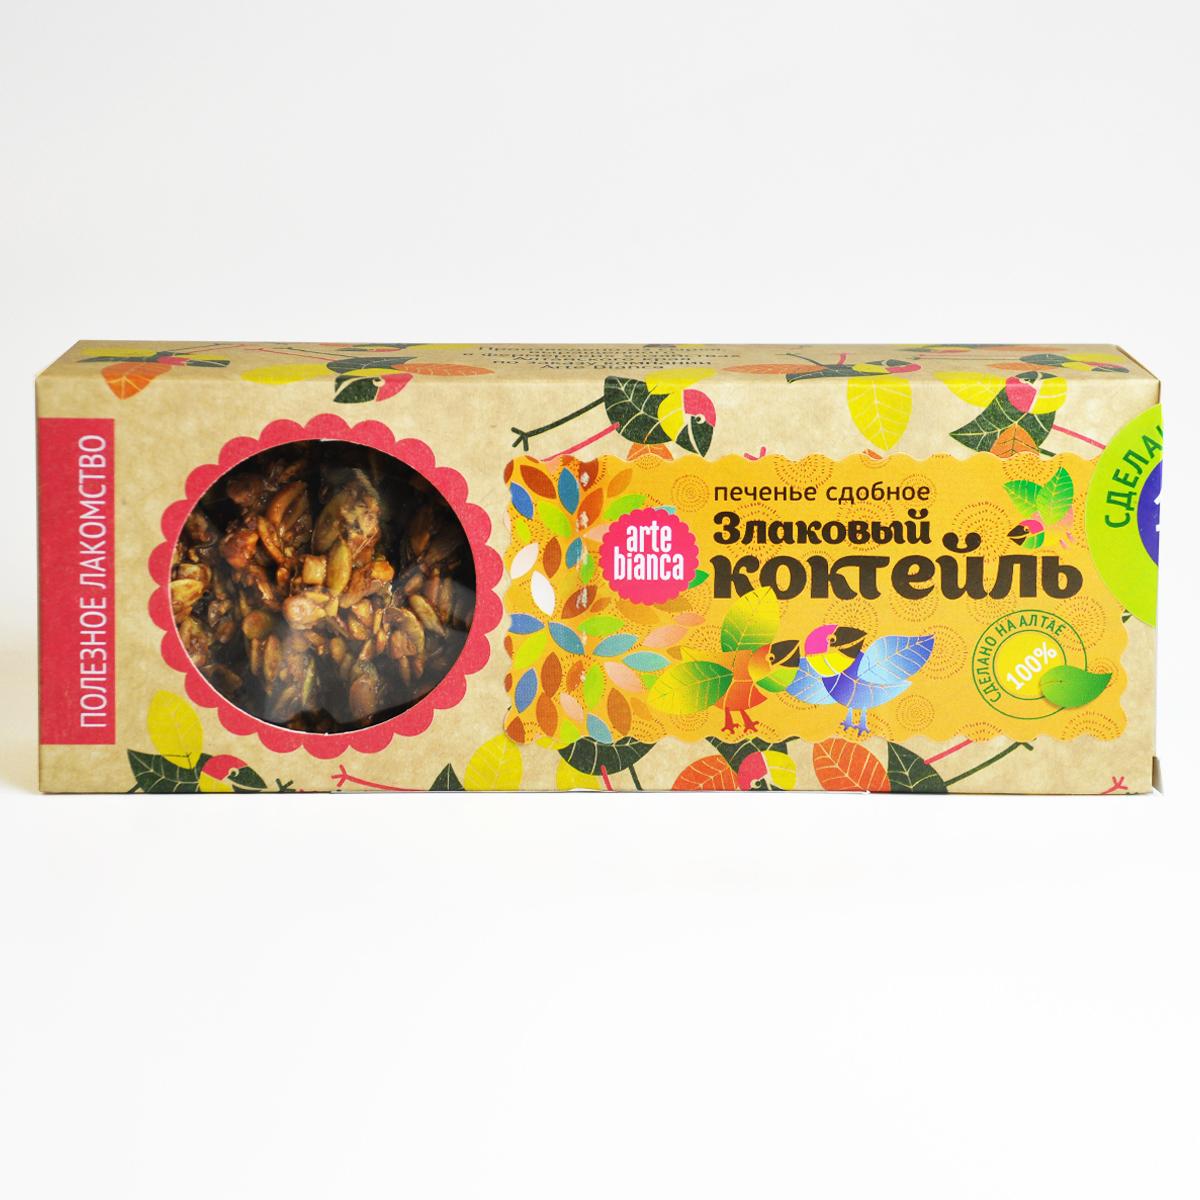 Печенье сдобное Орехово-Злаковый коктейль